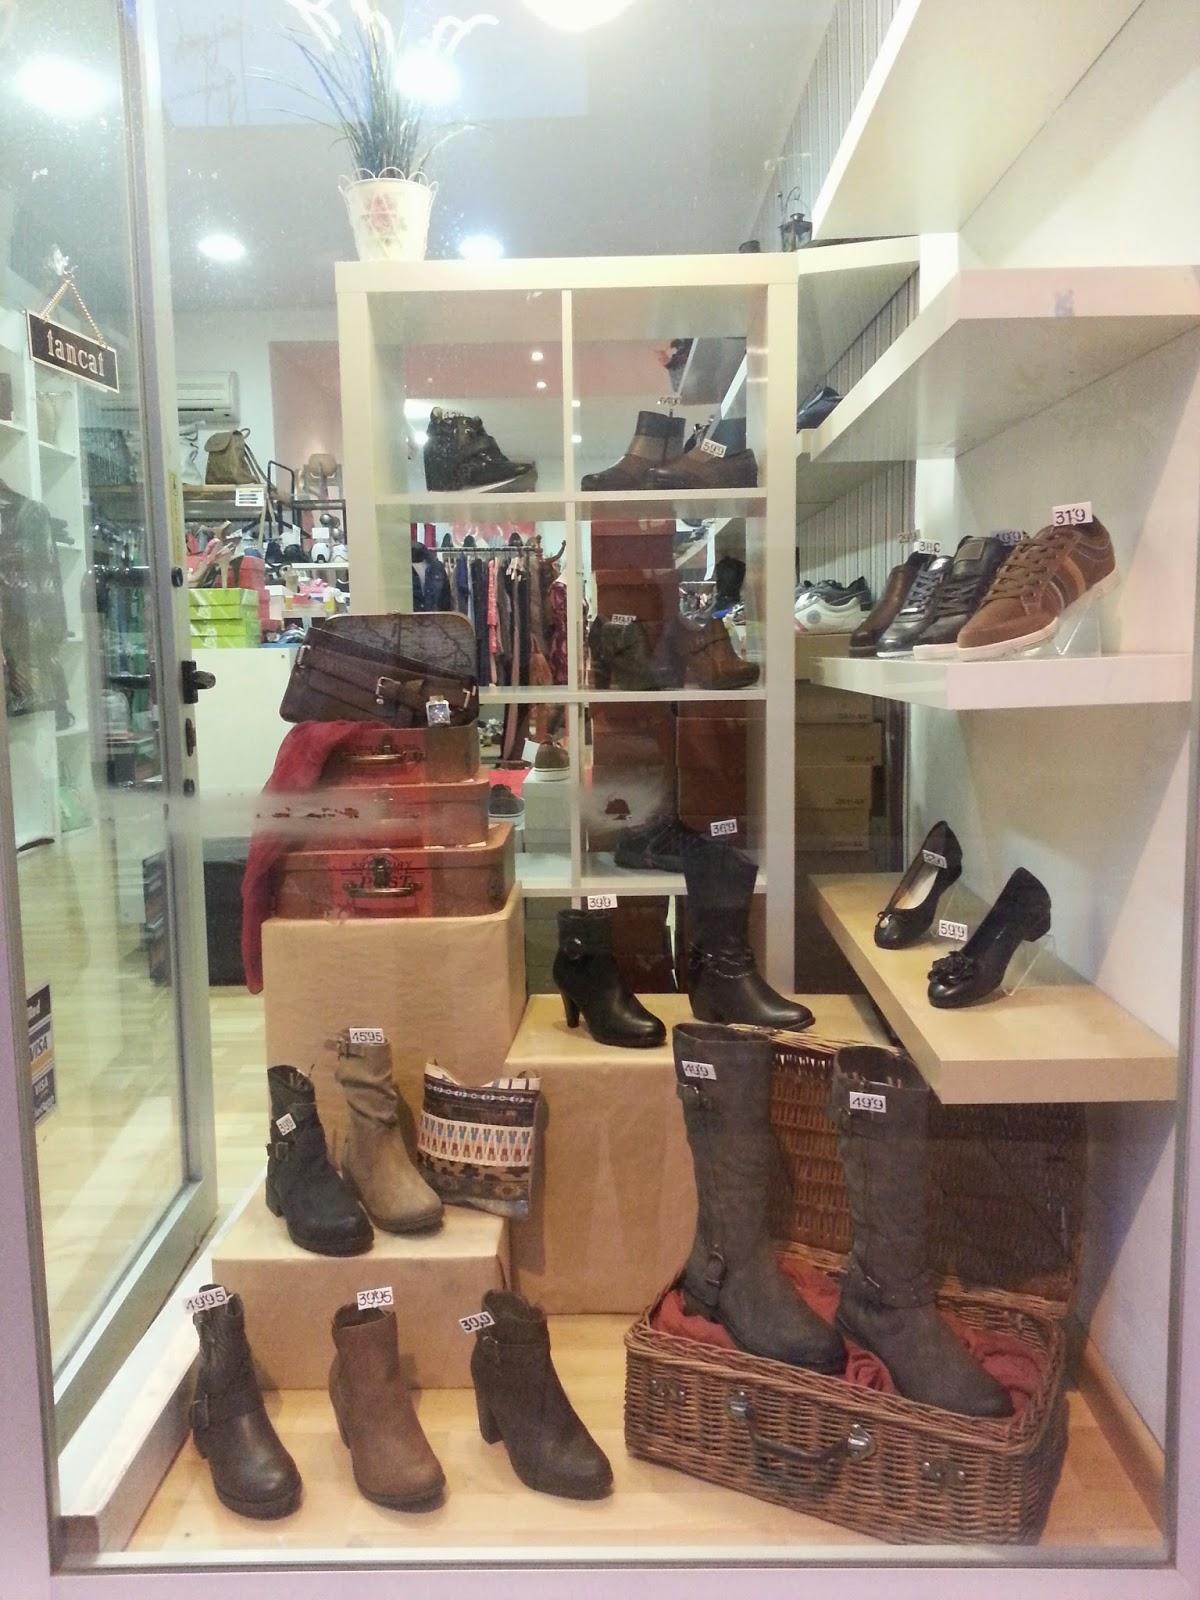 Vista general del escaparate de zapatos y complementos, pas a pas, maletas diy, escaparatismo